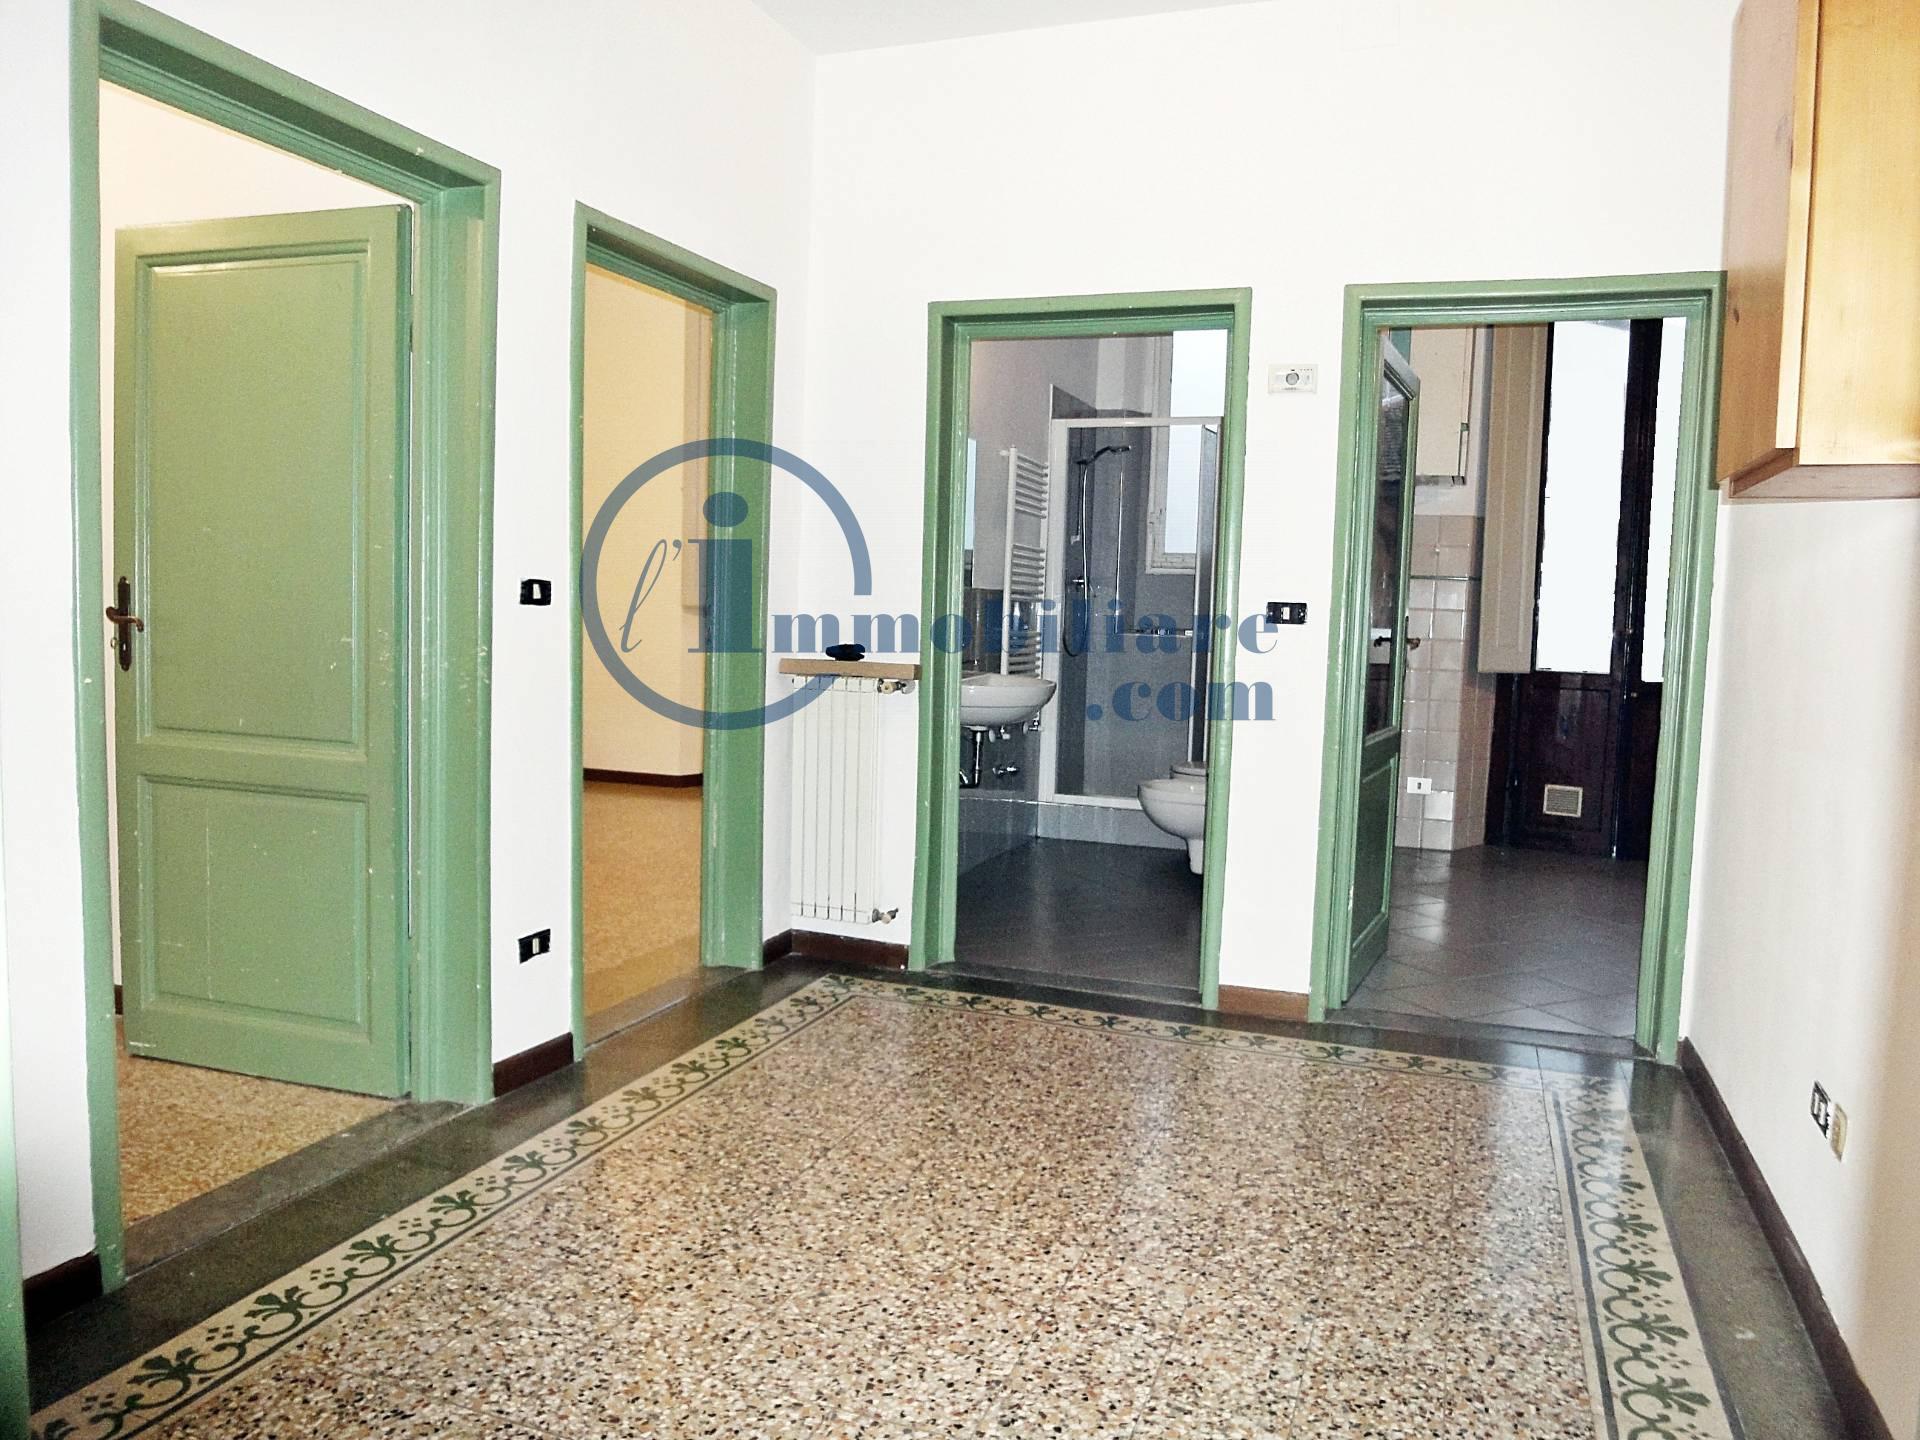 appartamento firenze vendita  campo di marte  l'immobiliare.com - firenze